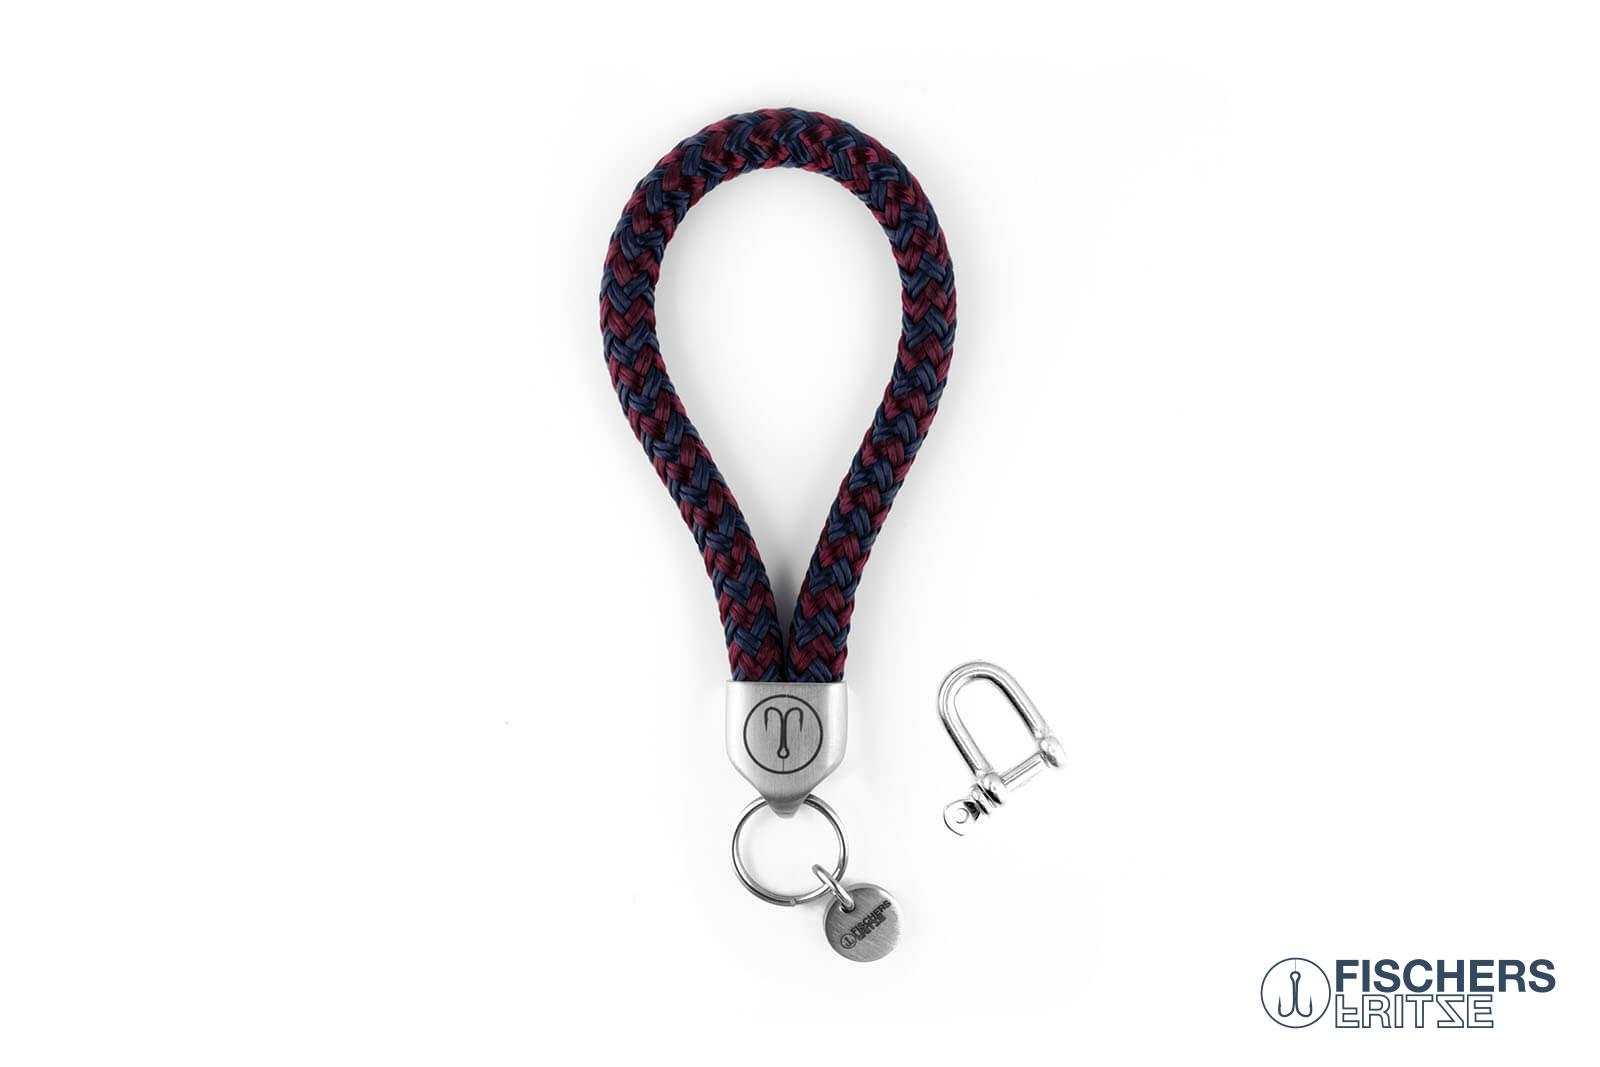 armband-fischers-fritze-dickerhering-marineblau-dunkelrot-segeltau-schaekel